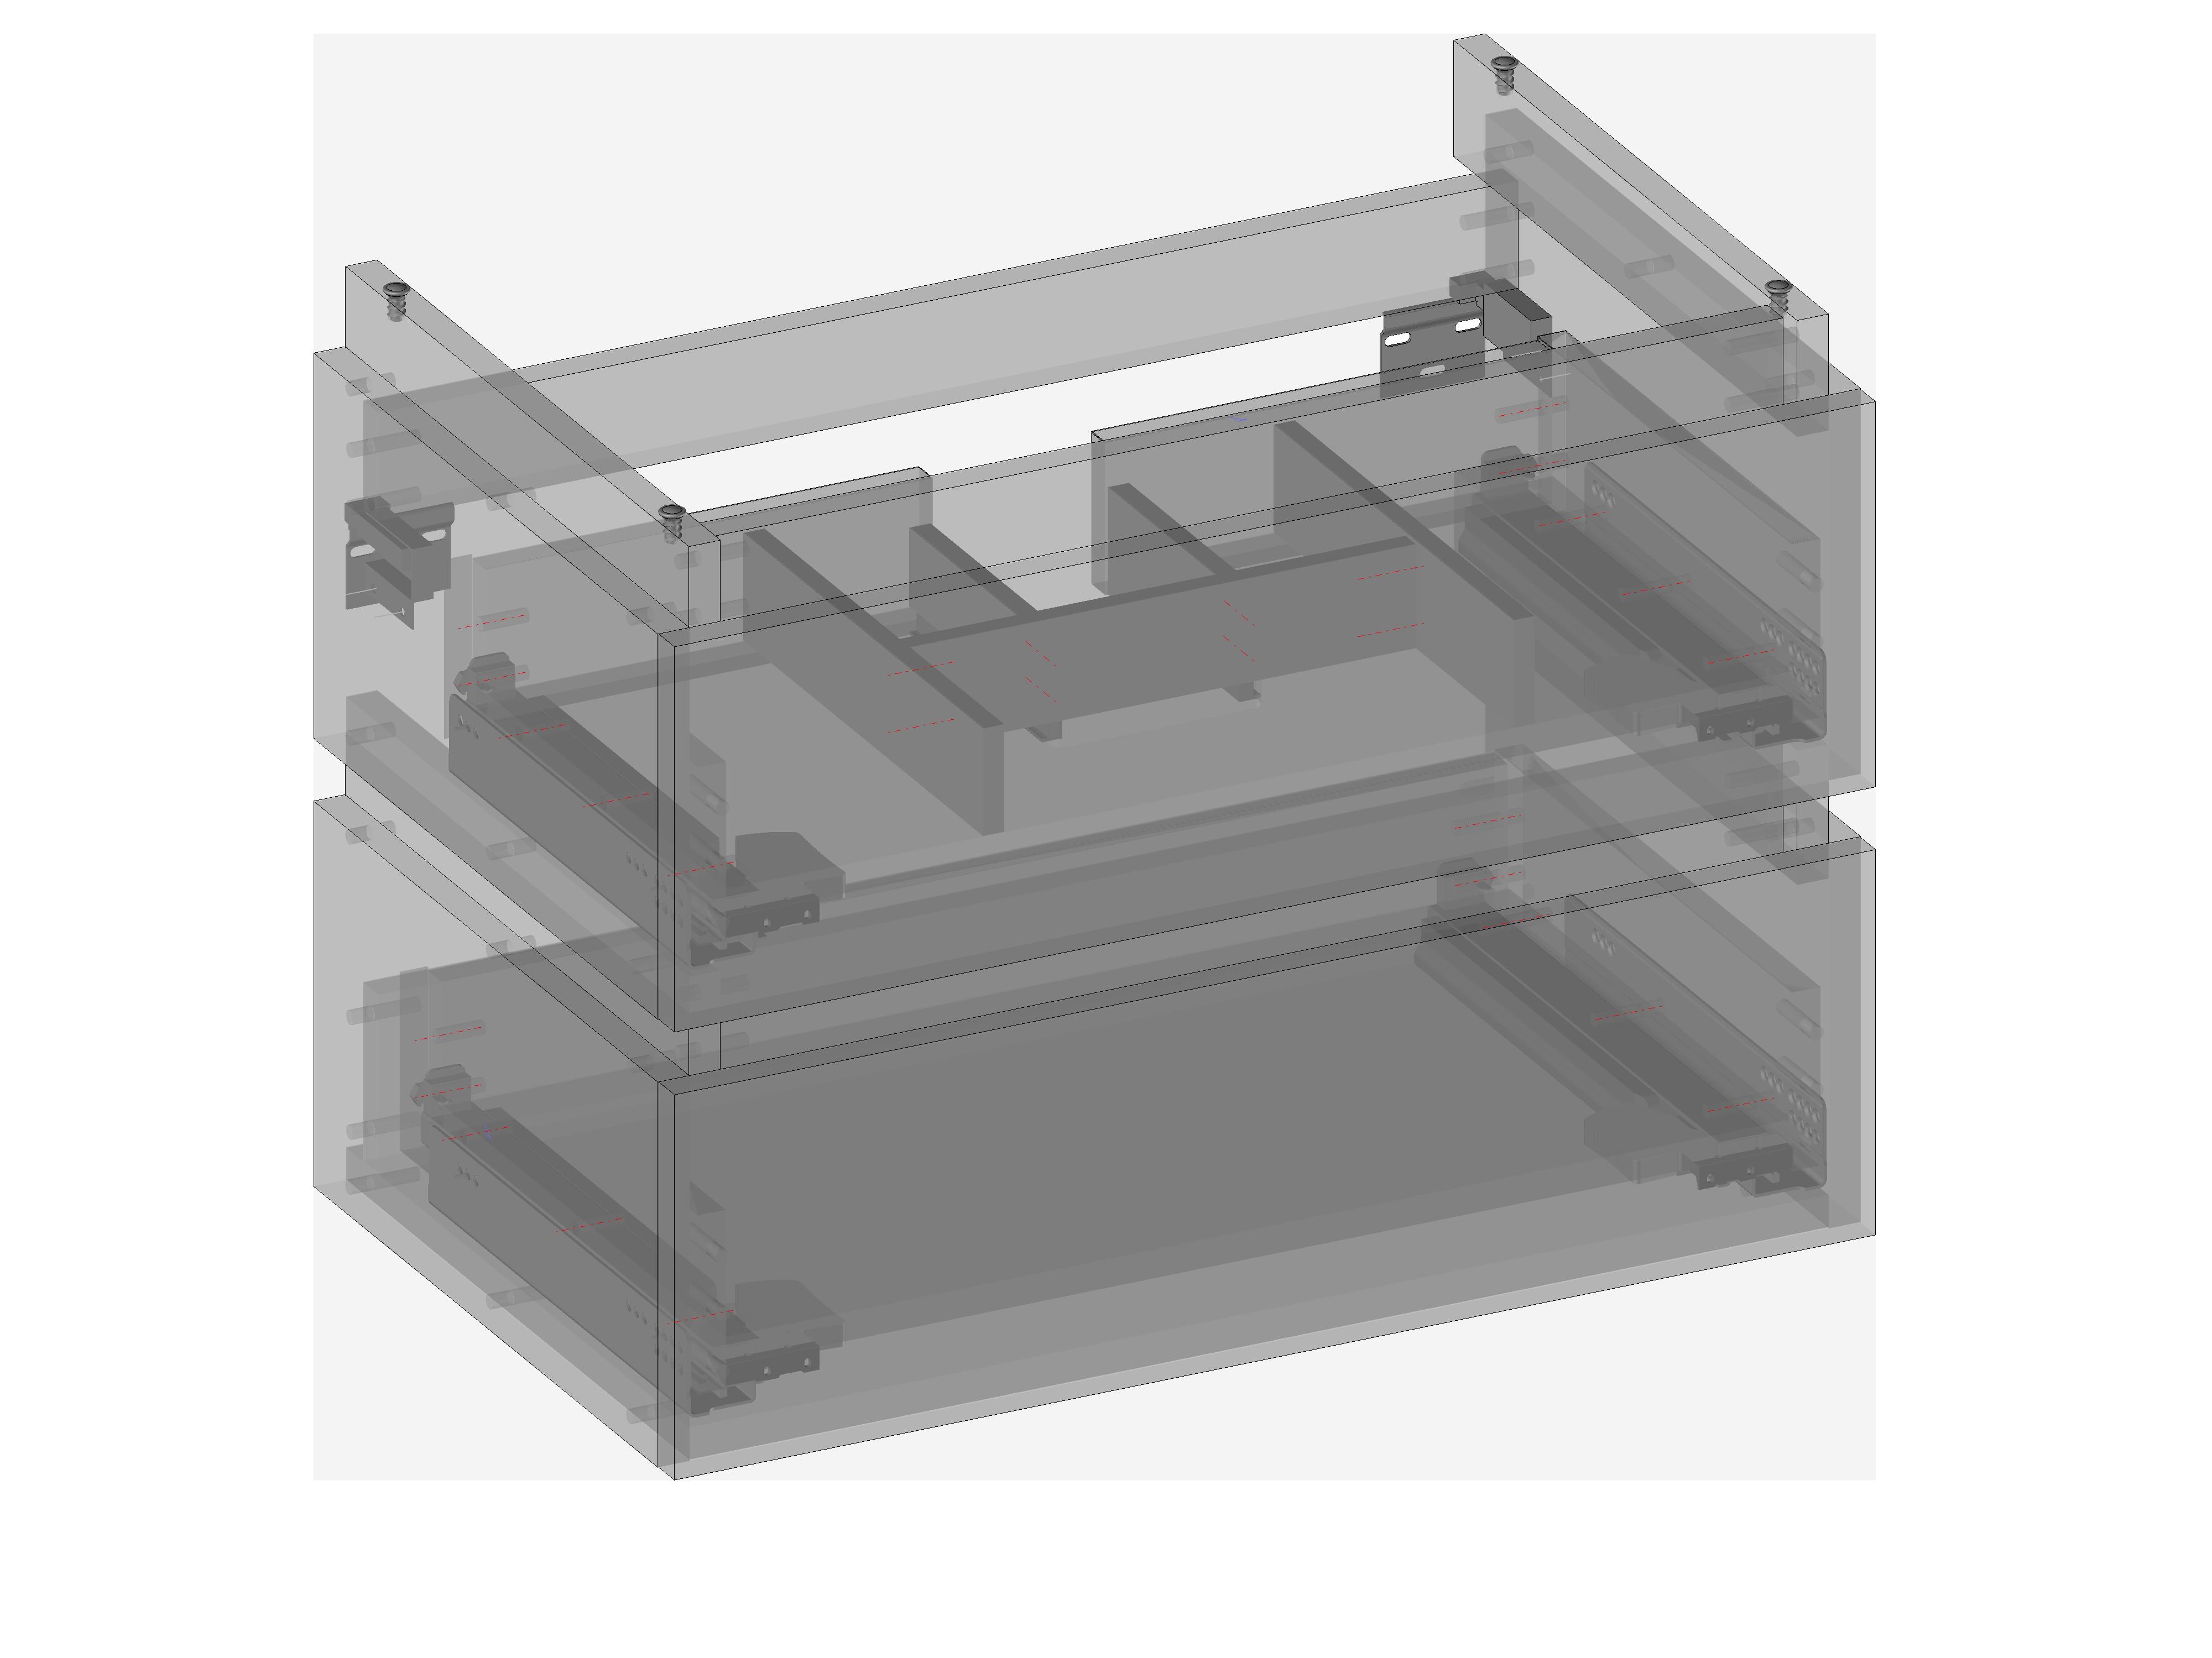 Szafka pod umywalkę Daphne wisząca, dwie szuflady, wbudowany organizer w górnej szufladzie